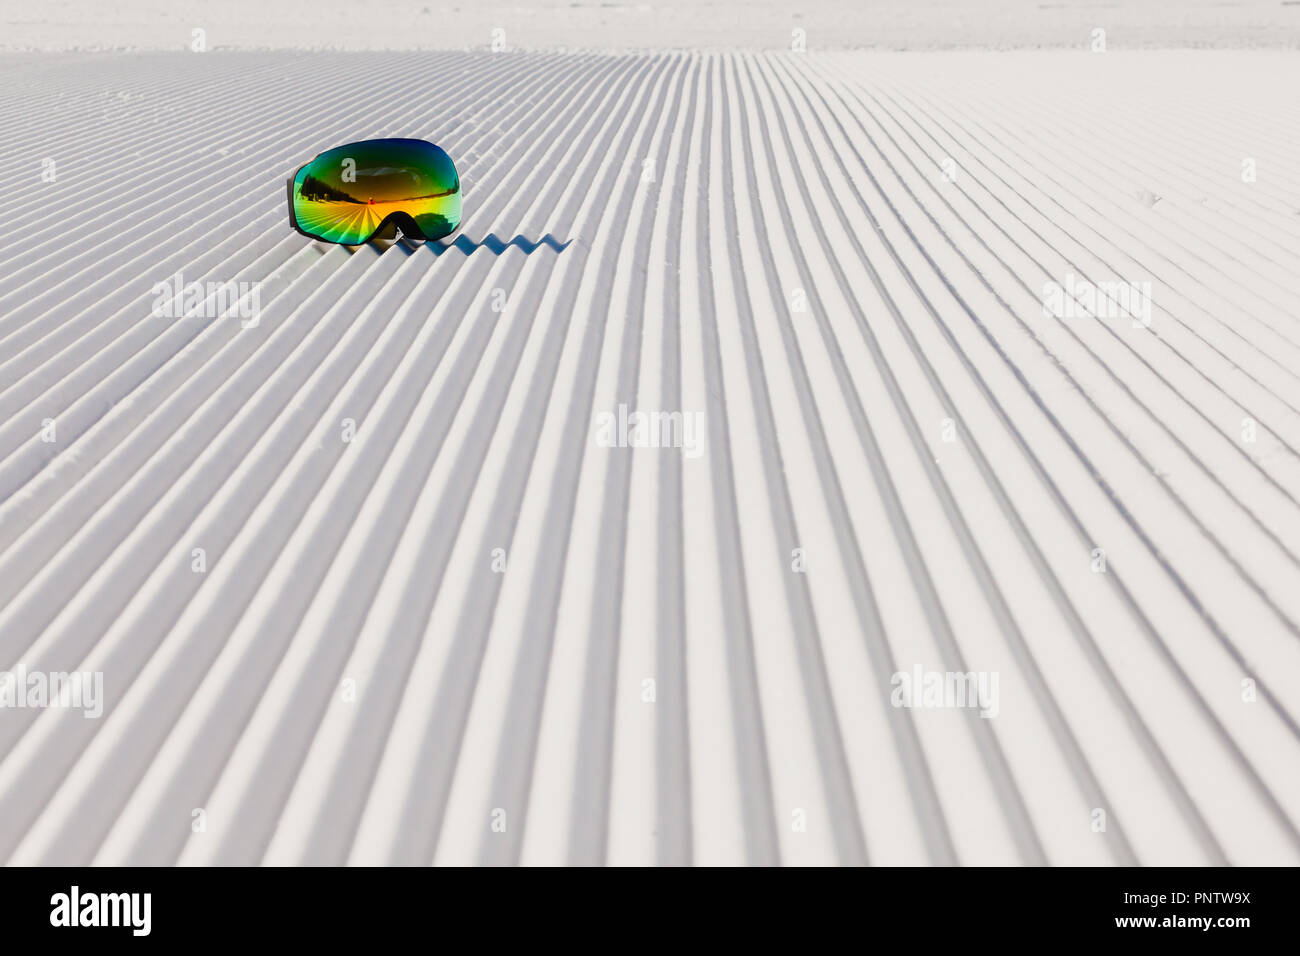 Vista ravvicinata di nuove piste per neve sul vuoto della pista da sci e maschere da sci su di esso Immagini Stock